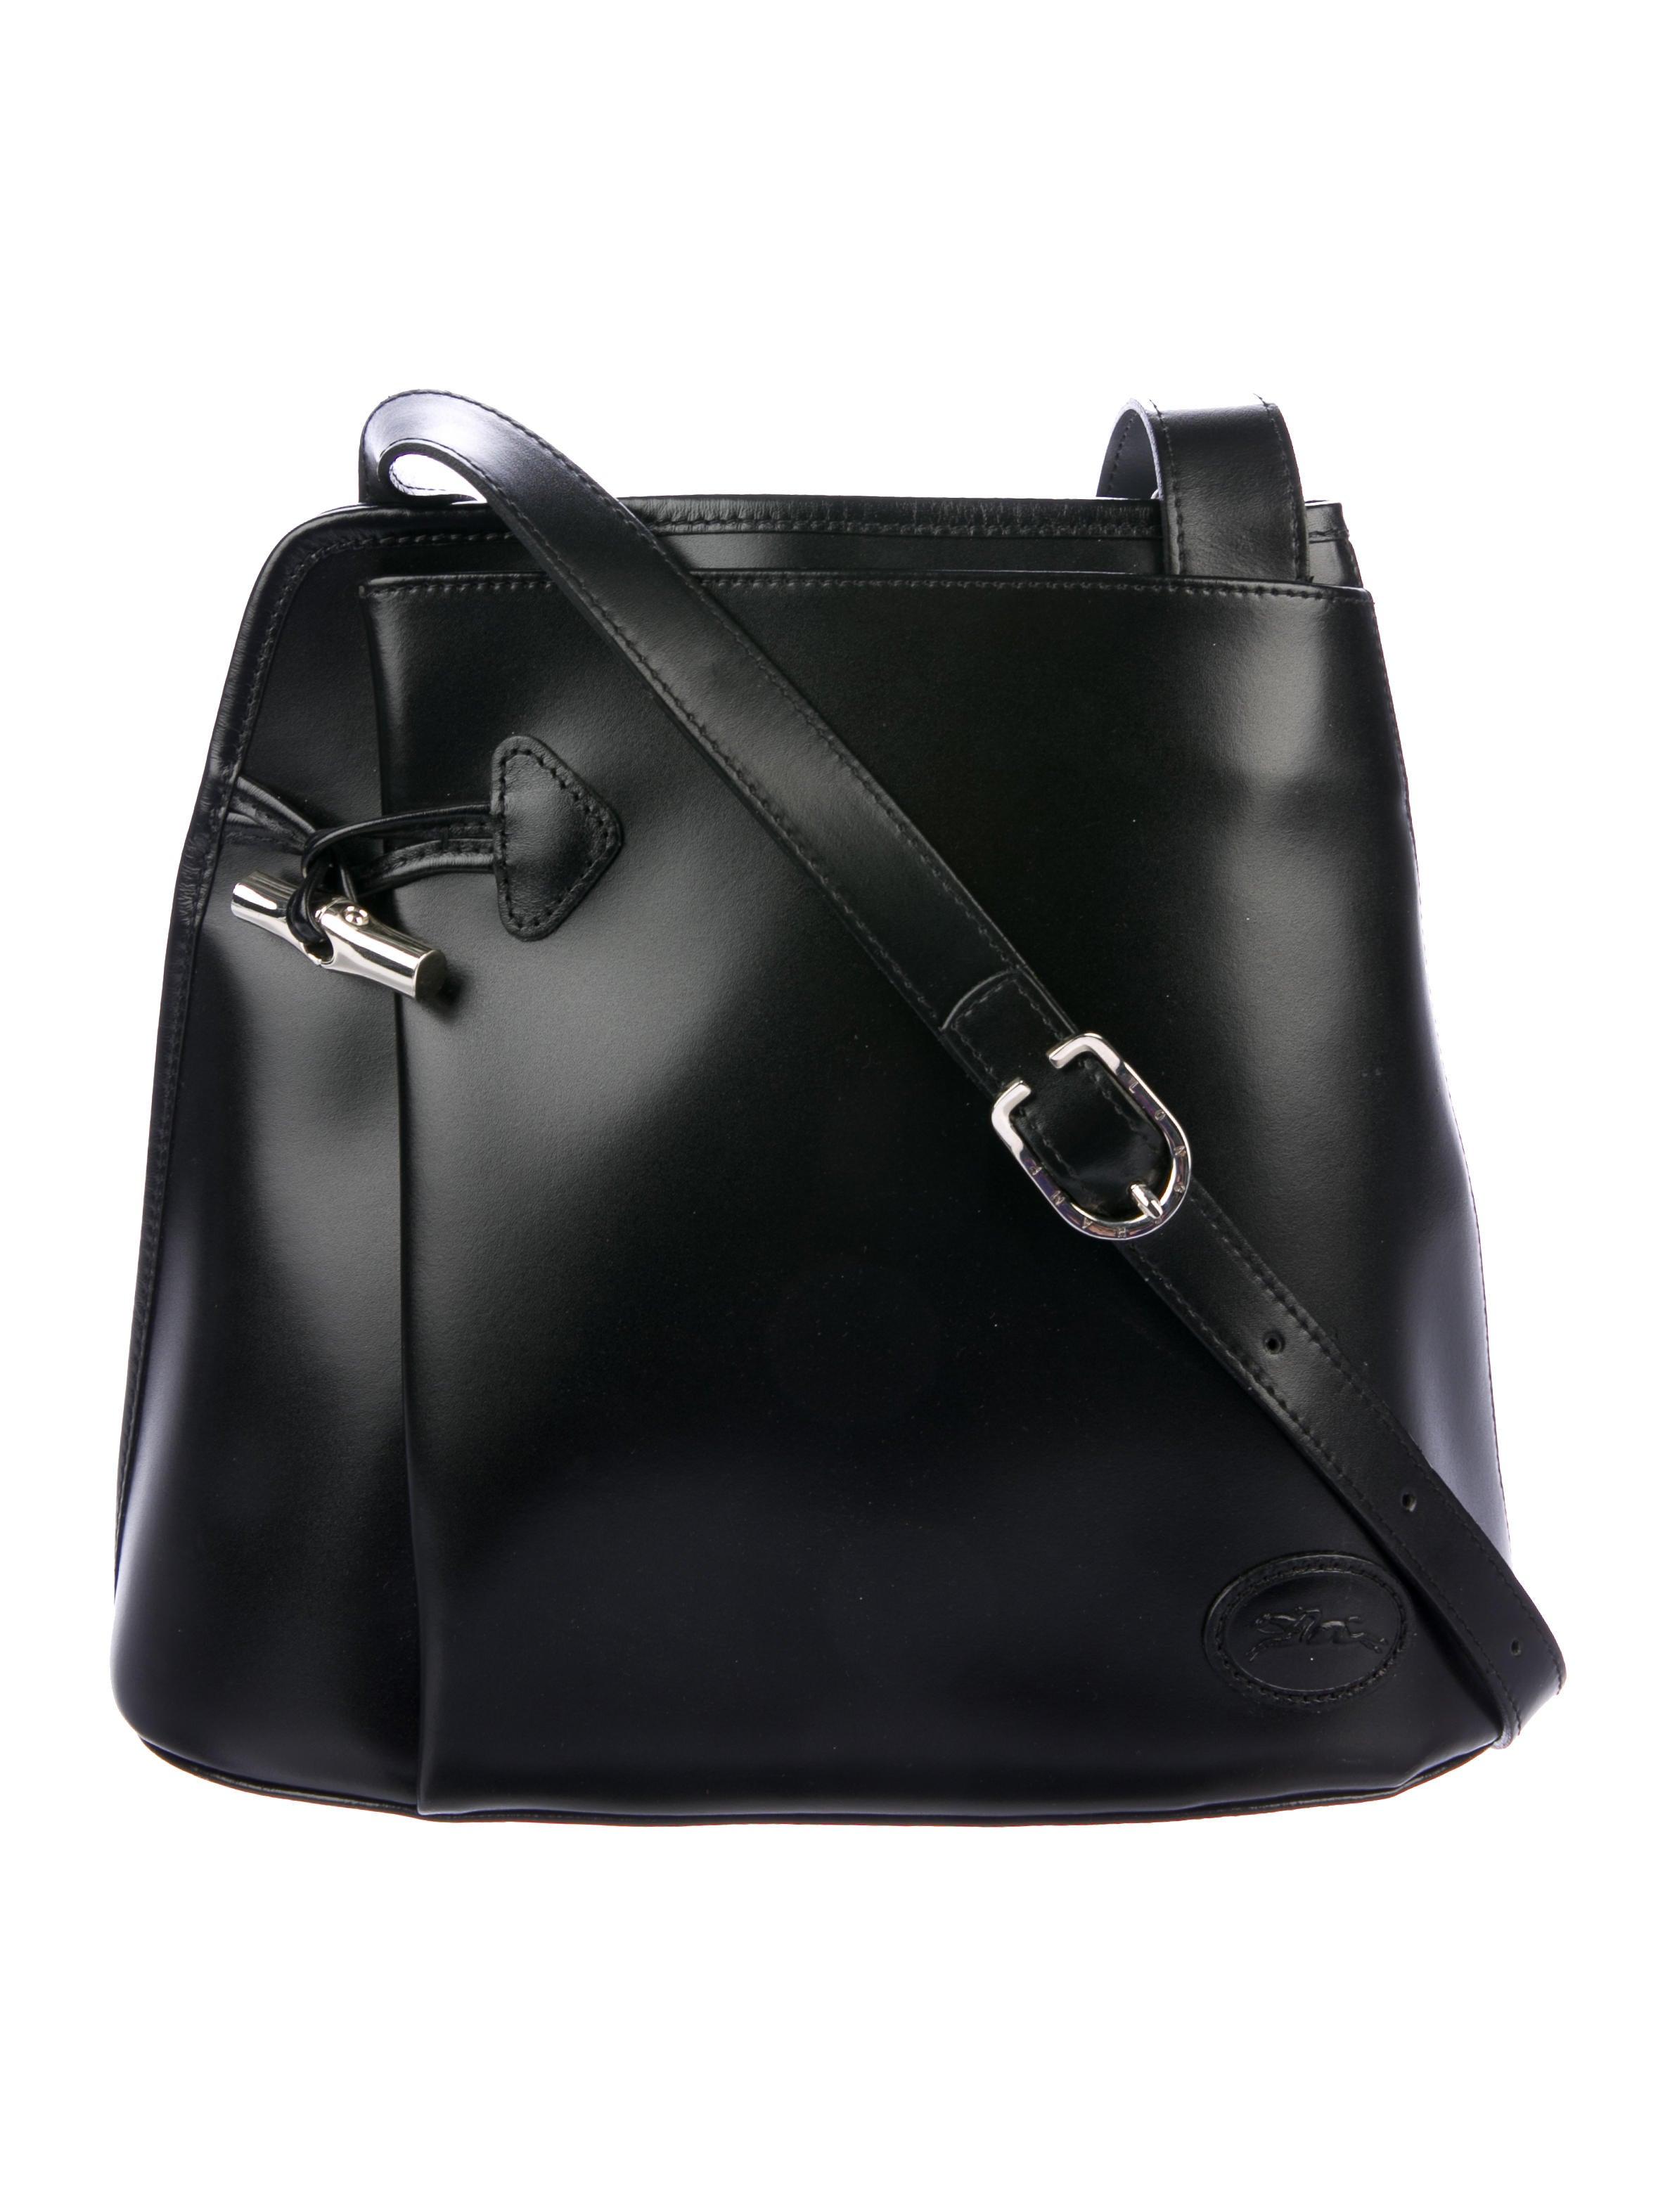 8084d29598e Longchamp Vintage Roseau Sling Bag - Handbags - WL821203 | The RealReal